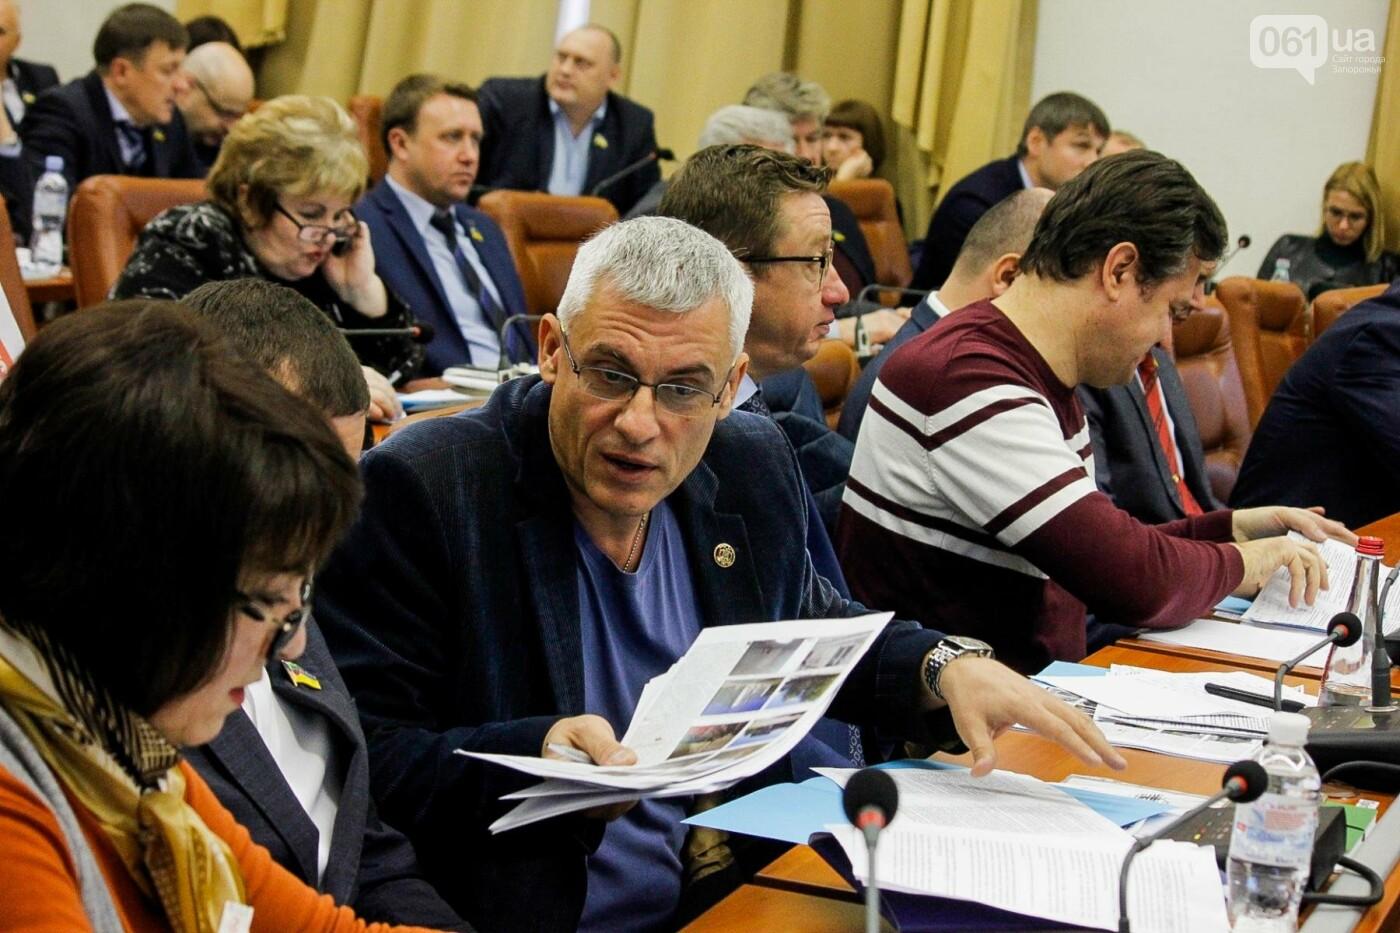 Сессия запорожского горсовета в 55 фотографиях, - ФОТОРЕПОРТАЖ, фото-6